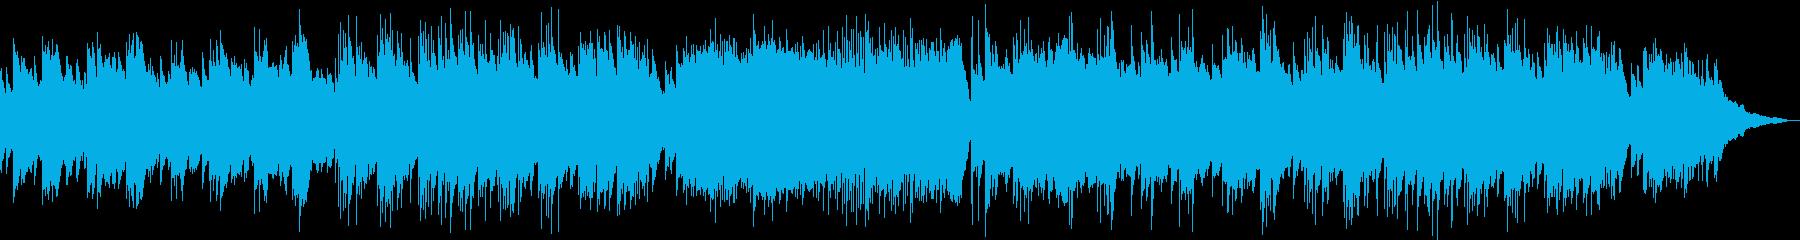 セクシーなタンゴ風ピアノソロの再生済みの波形